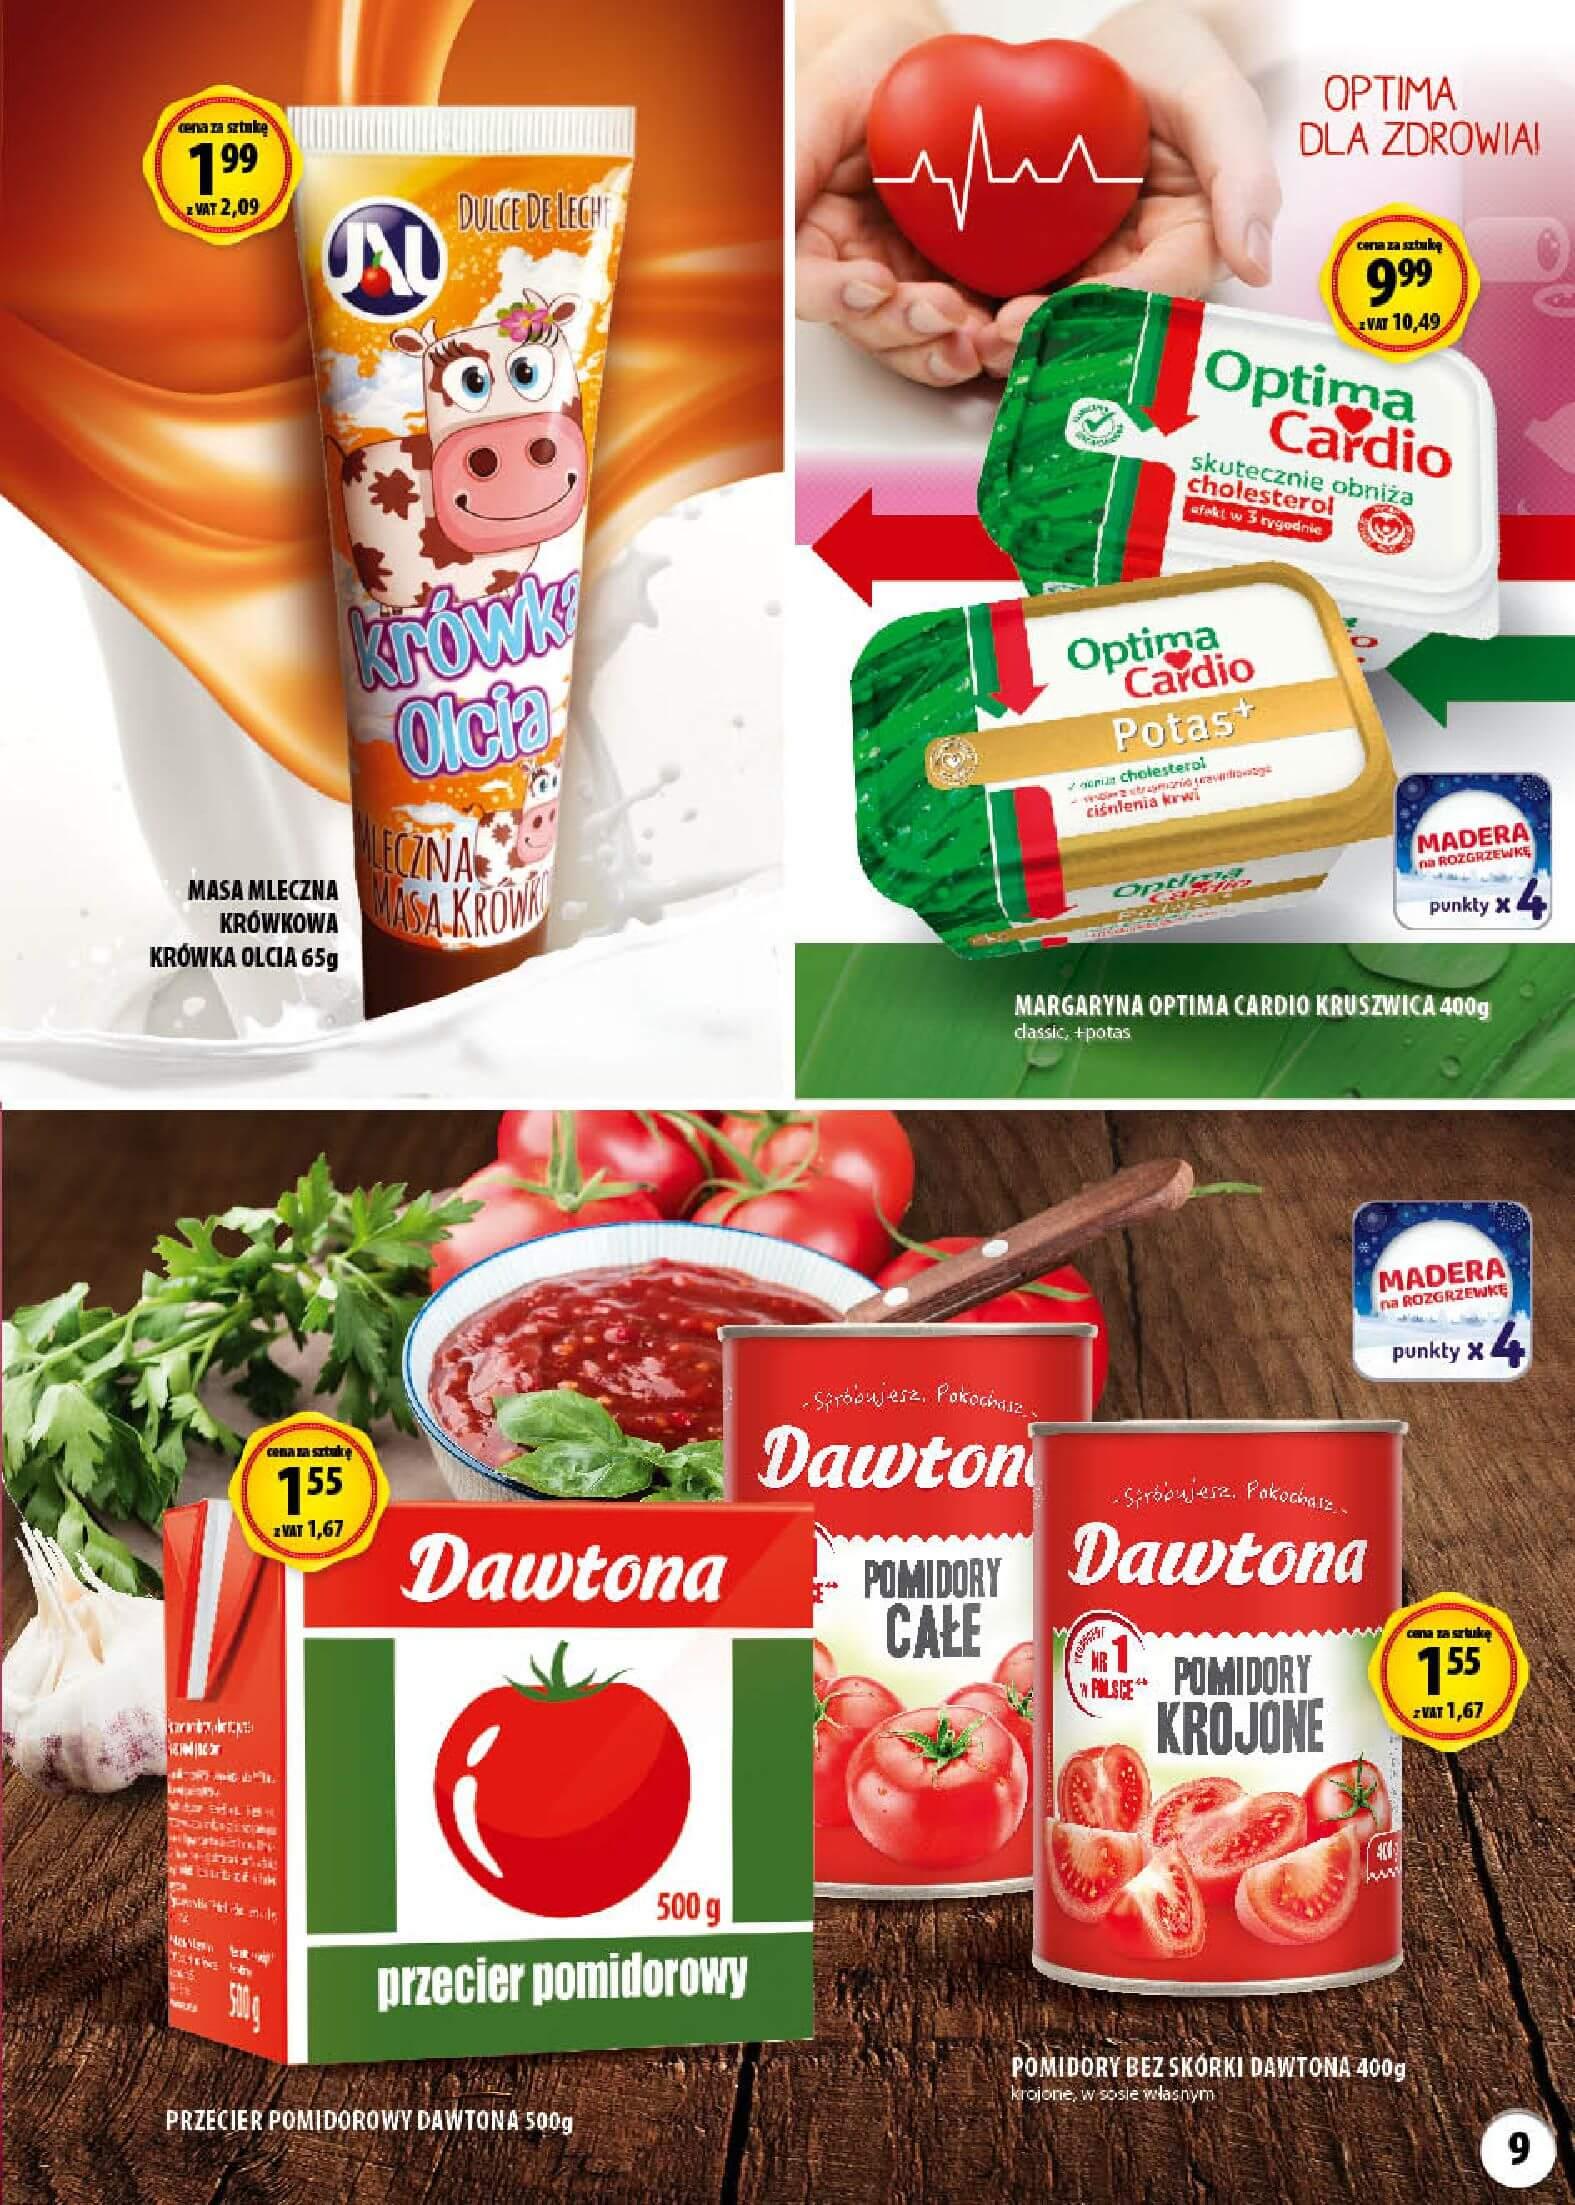 Gazetka Eurocash - Oferta na art. spożywcze i chemiczne-01.01.2018-14.01.2018-page-